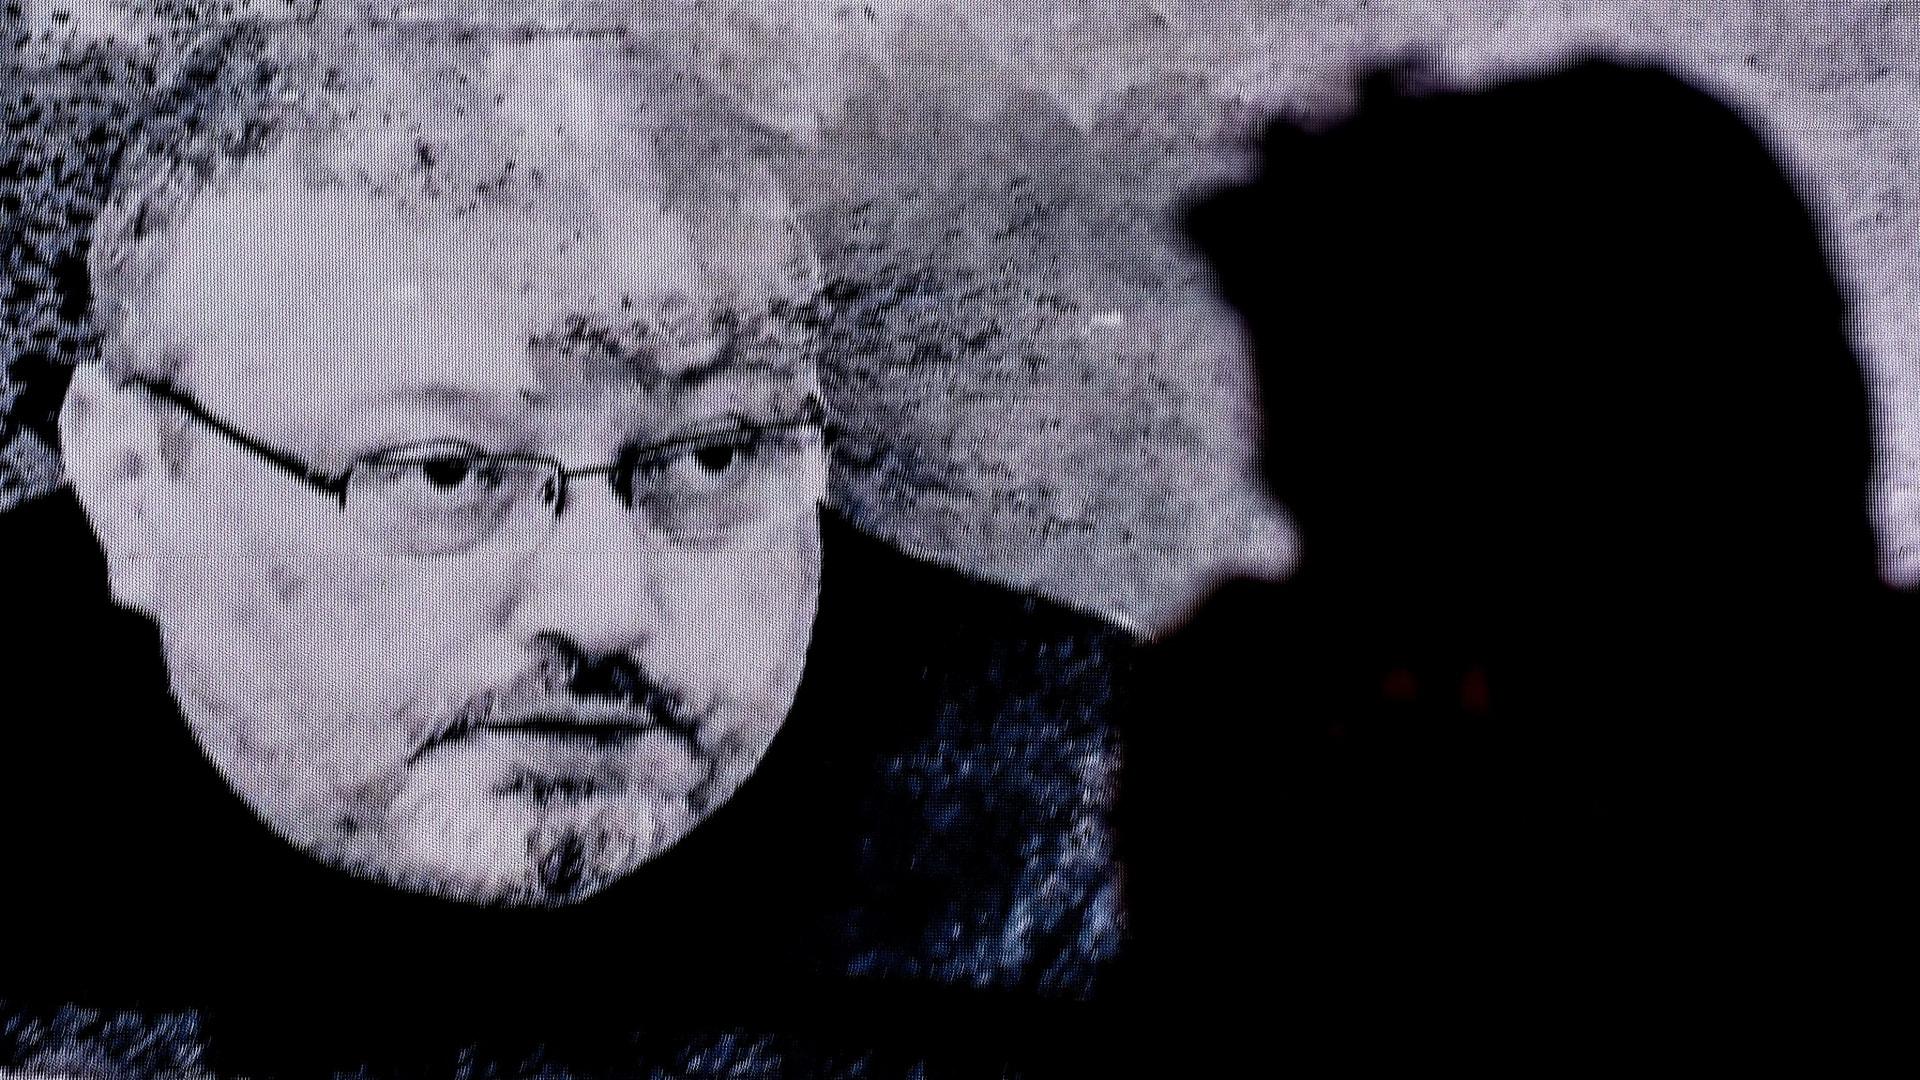 سيناتور بعد إحاطة CIA عن خاشقجي: حسابات إدارة ترامب خاطئة